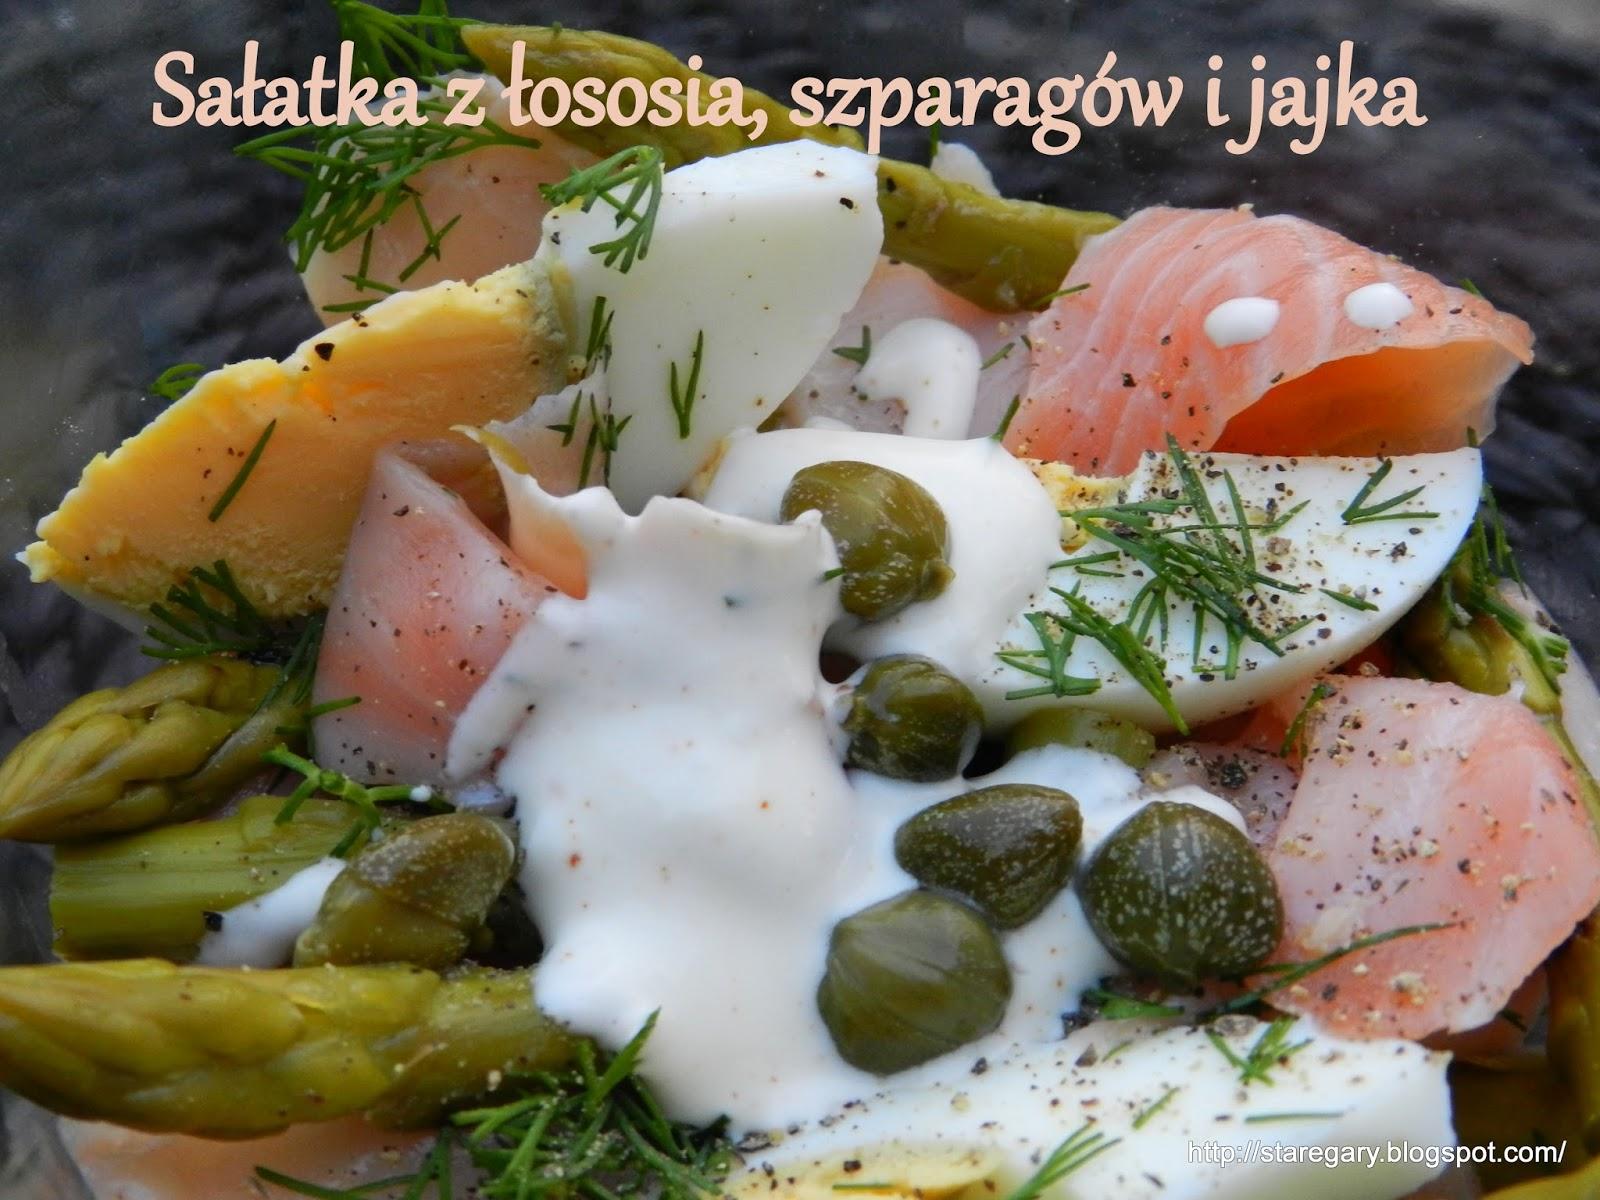 Sałatka z łososia, szparagów i jajka